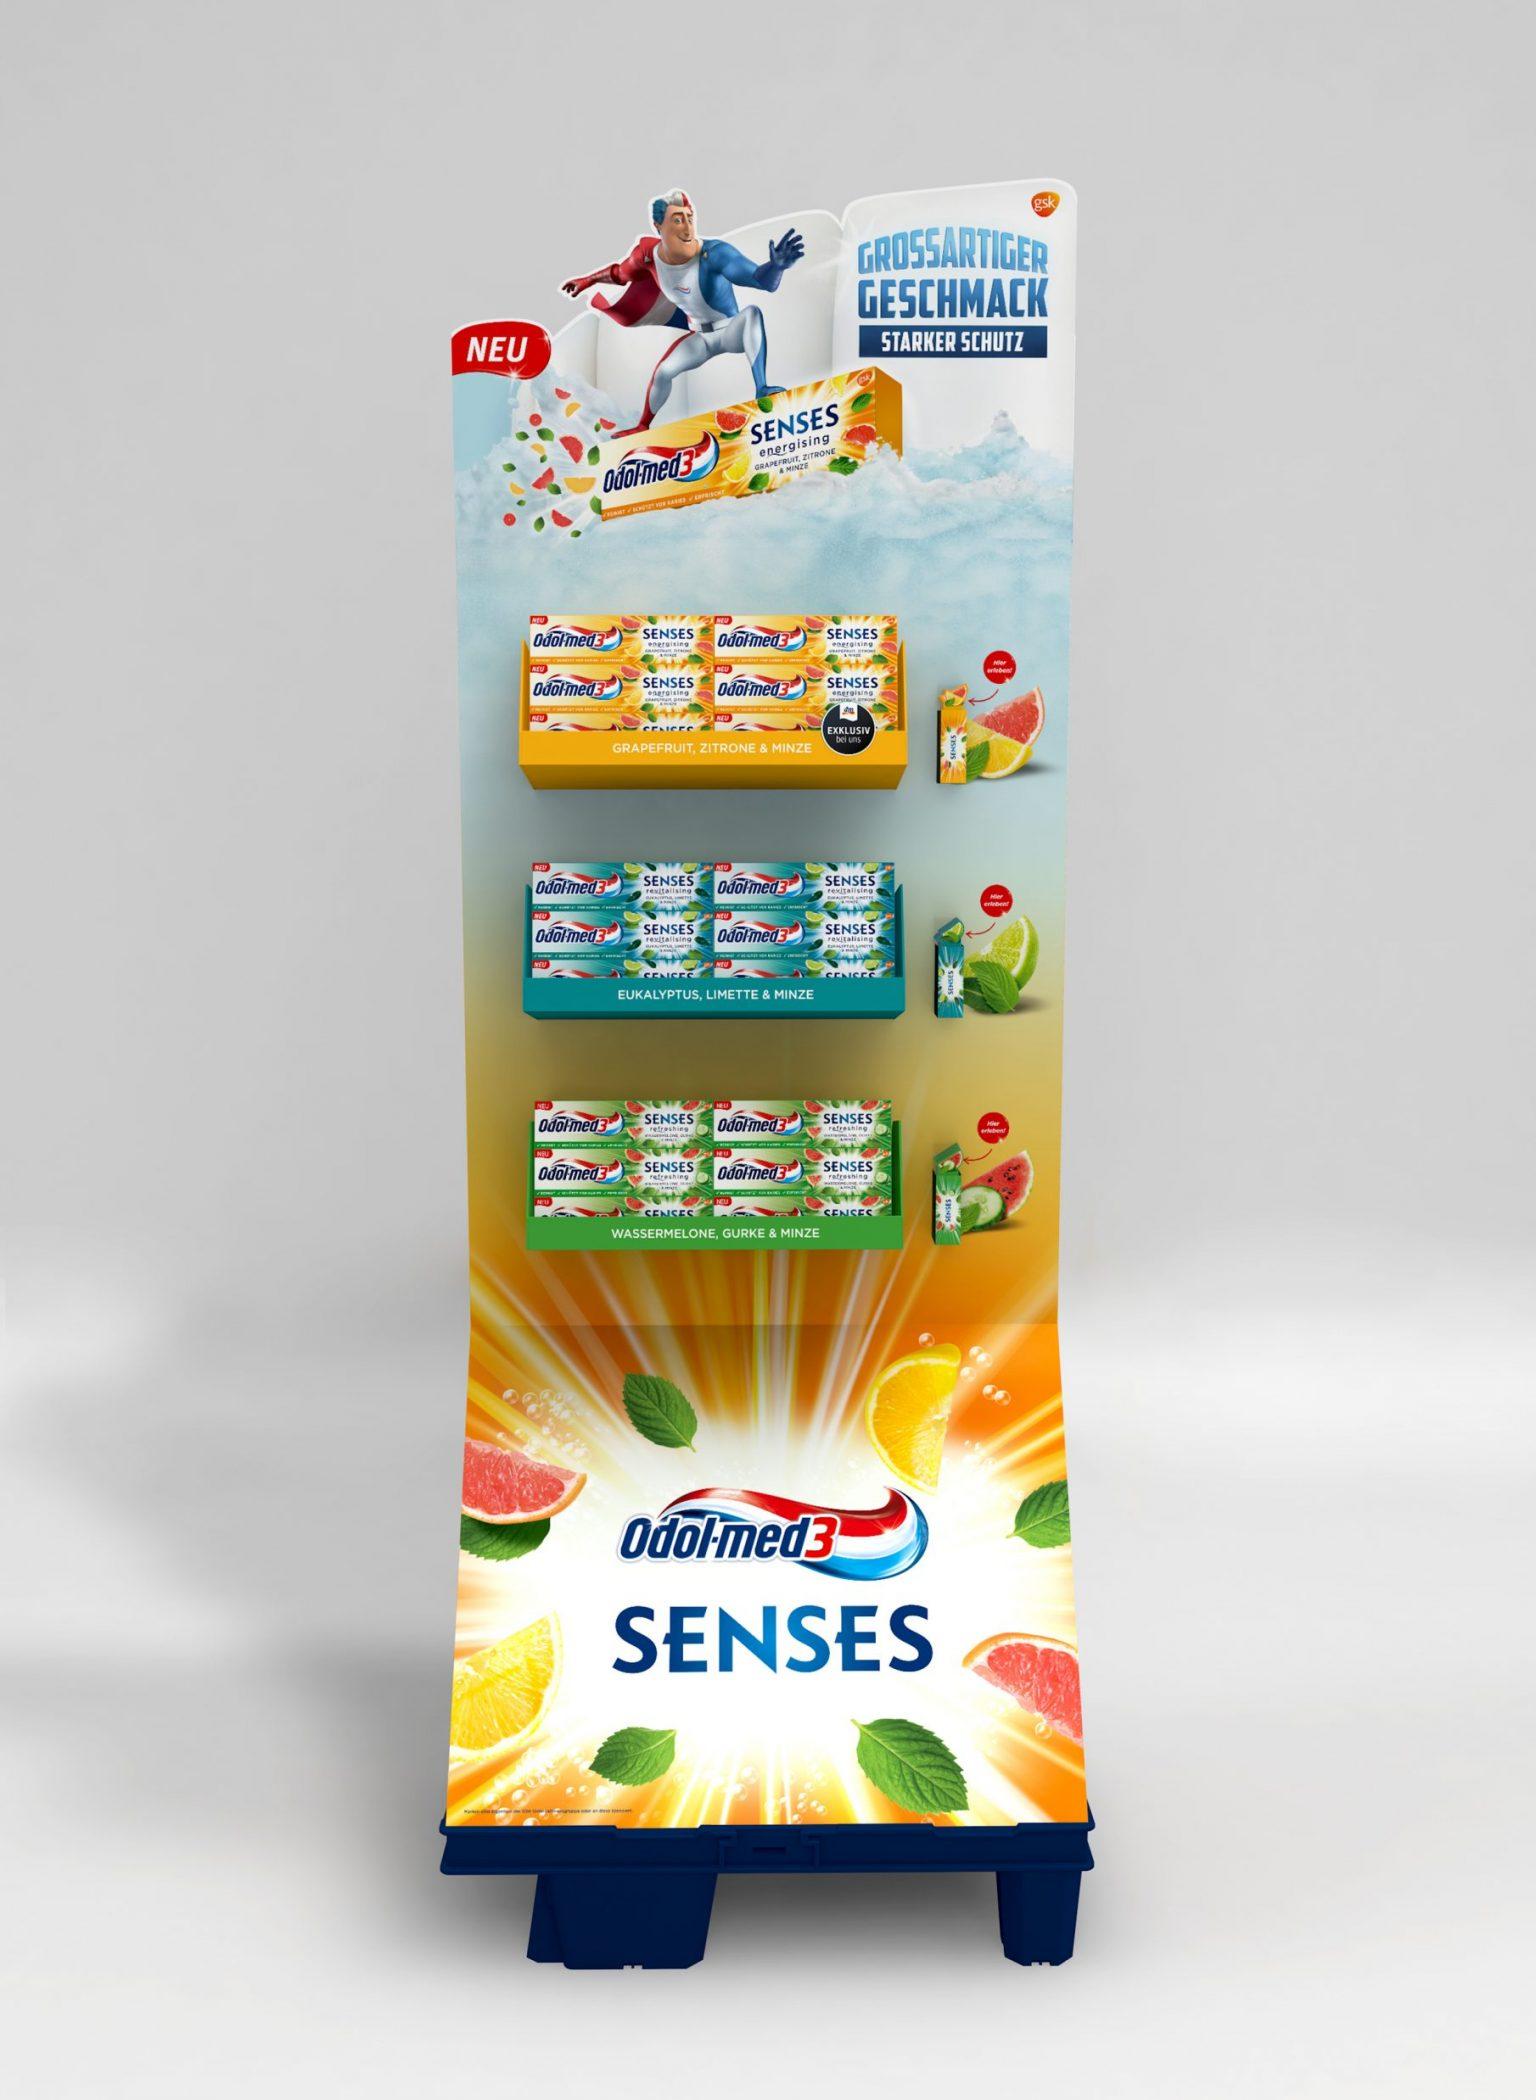 200131_DM_Senses_Display_Frontal